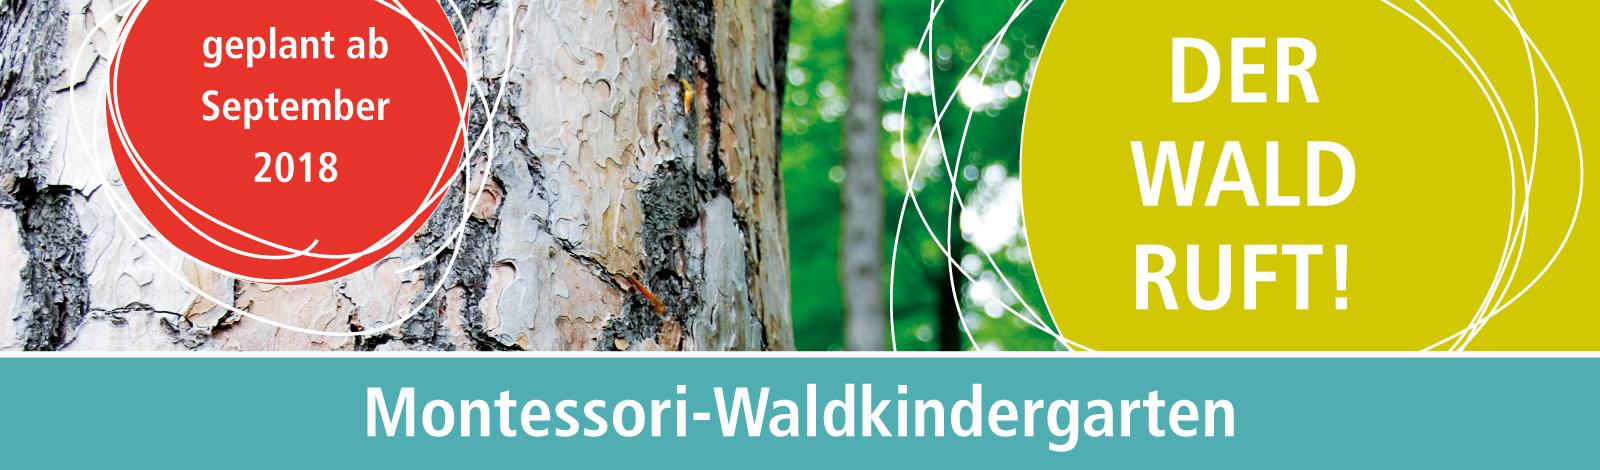 Montessori_Header_Waldkindergarten-1